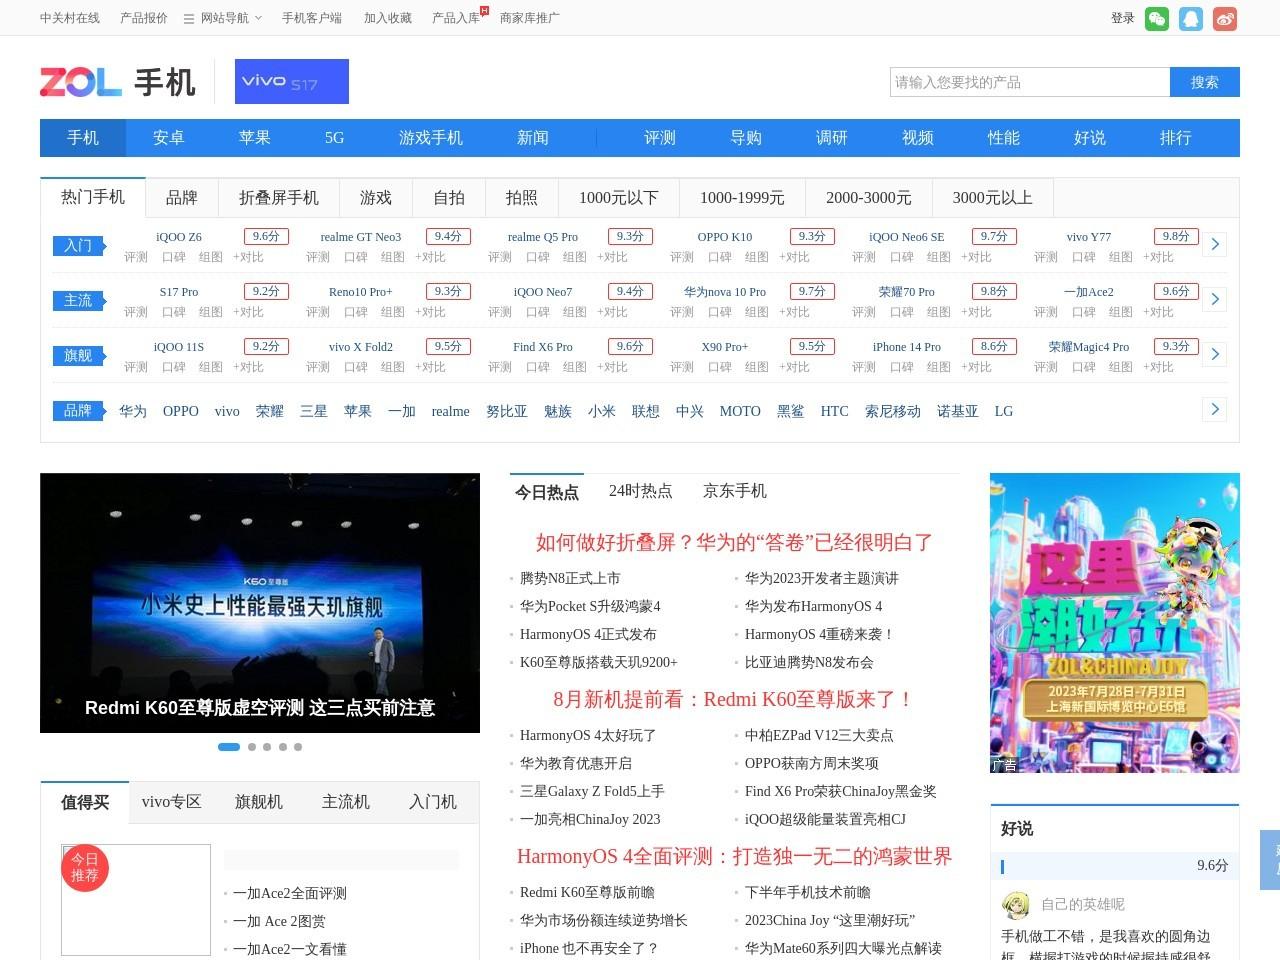 中关村手机频道